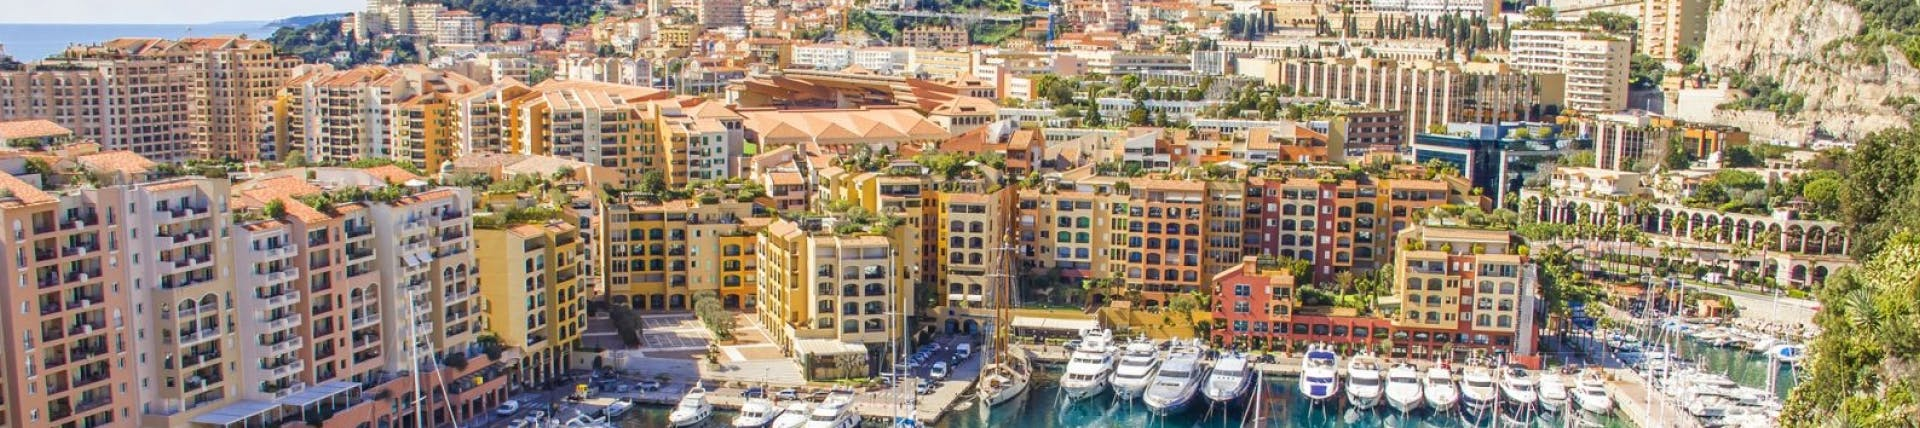 Picture of Monaco